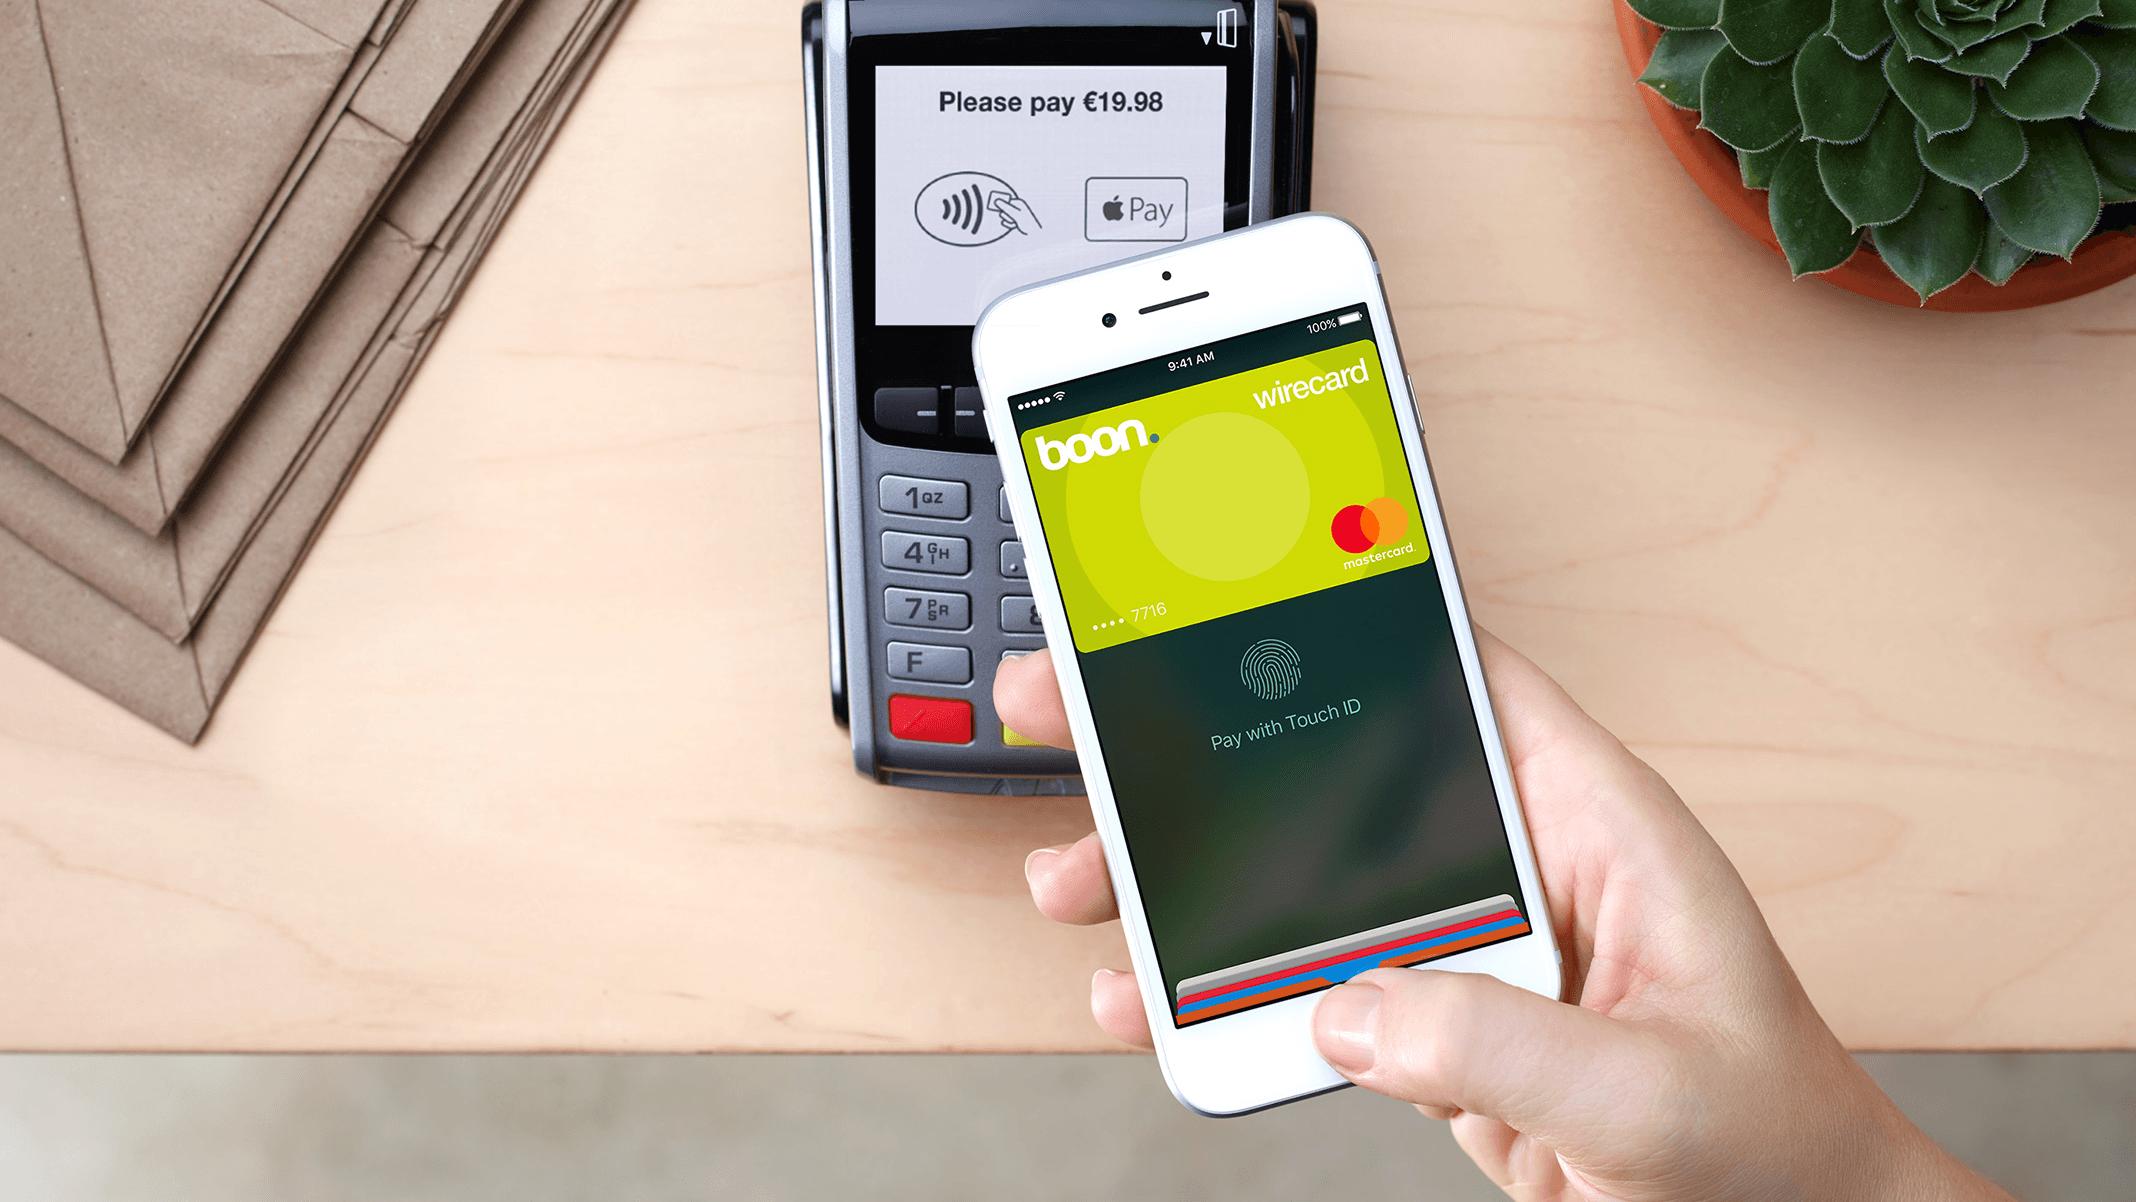 apple pay boon iphone 16x9 - Najpopulárnejšie články na MacBlogu za rok 2018